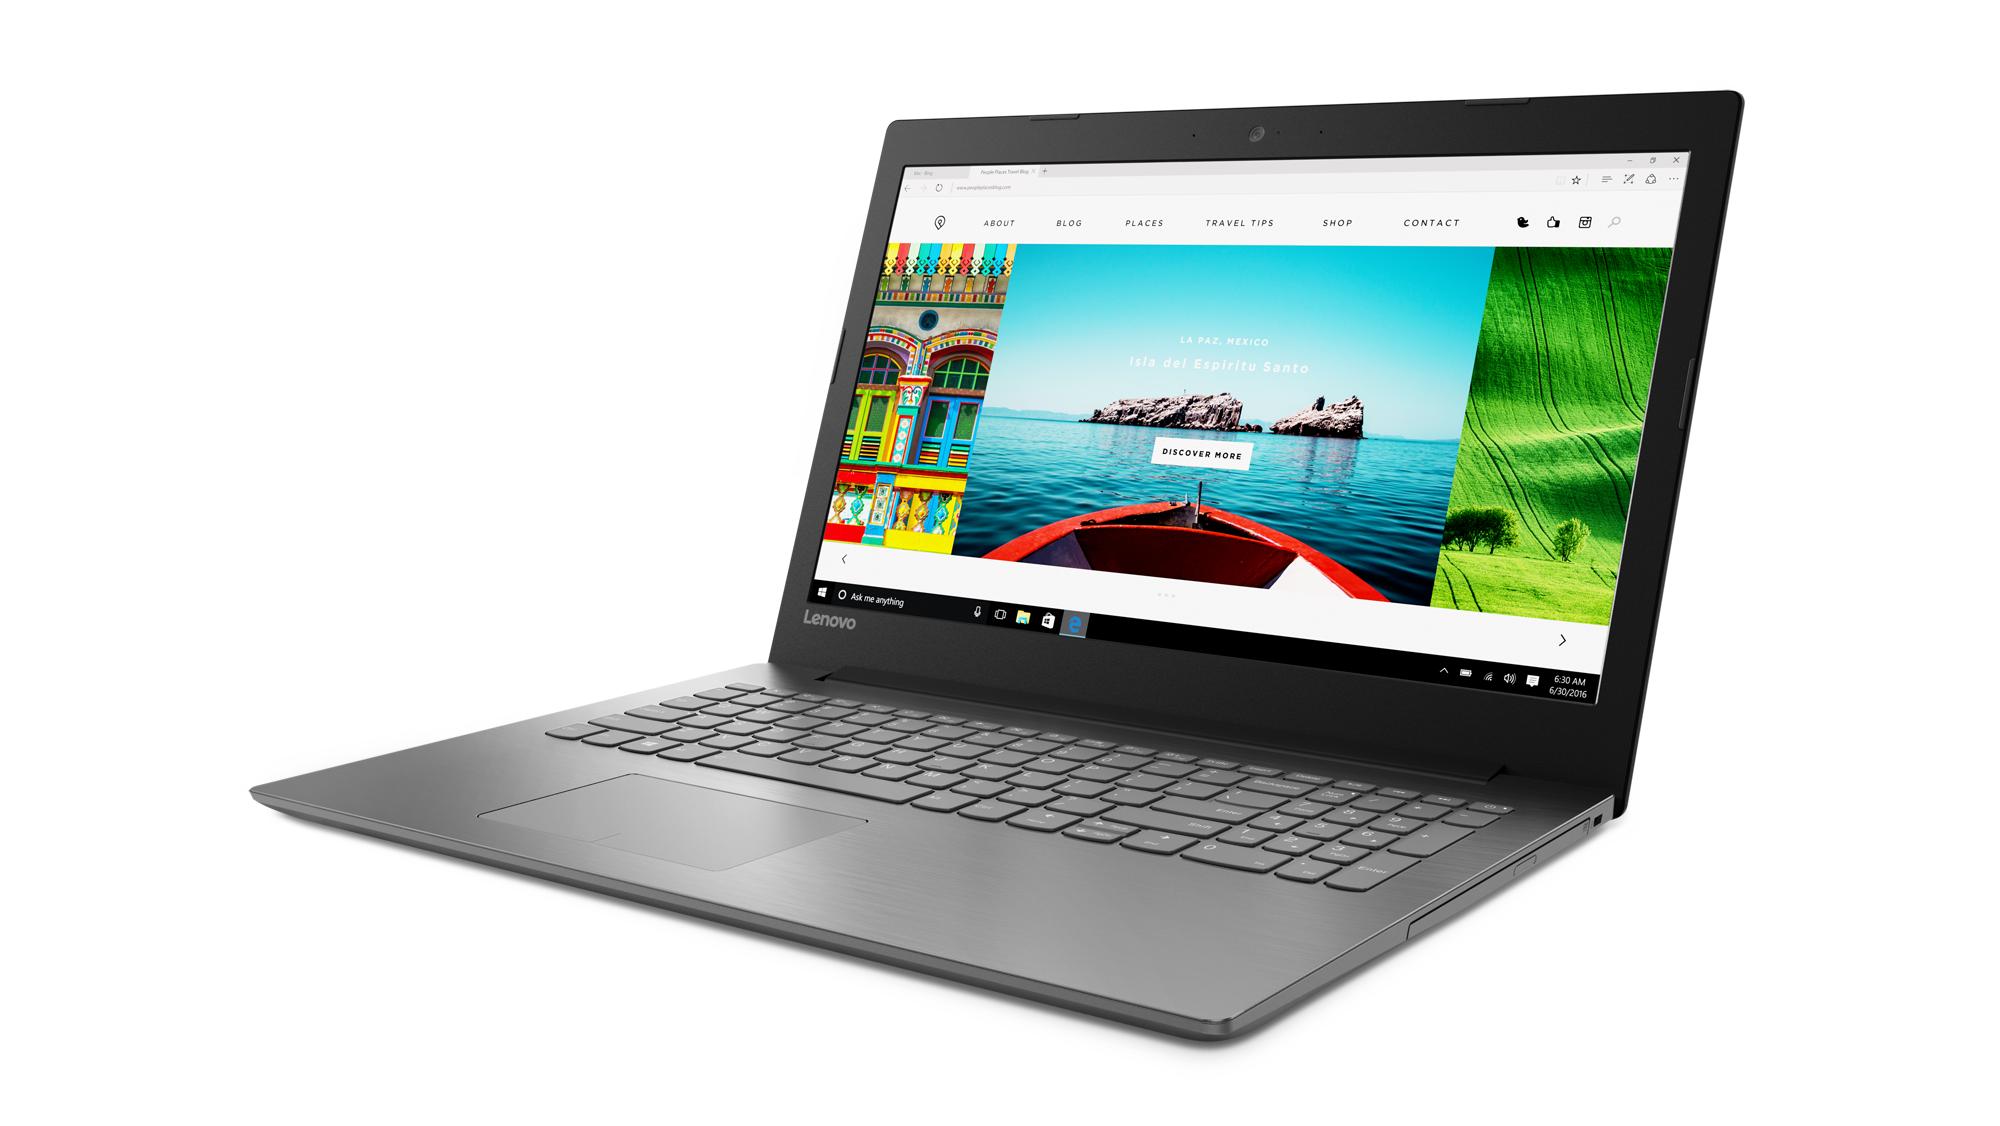 """Lenovo IdeaPad 320-15IKBN i5-7200U 3,10GHz/6GB/HDD 1TB/15,6"""" FHD/AG/GeForce 2GB/WIN10 černá 80XL0076CK"""